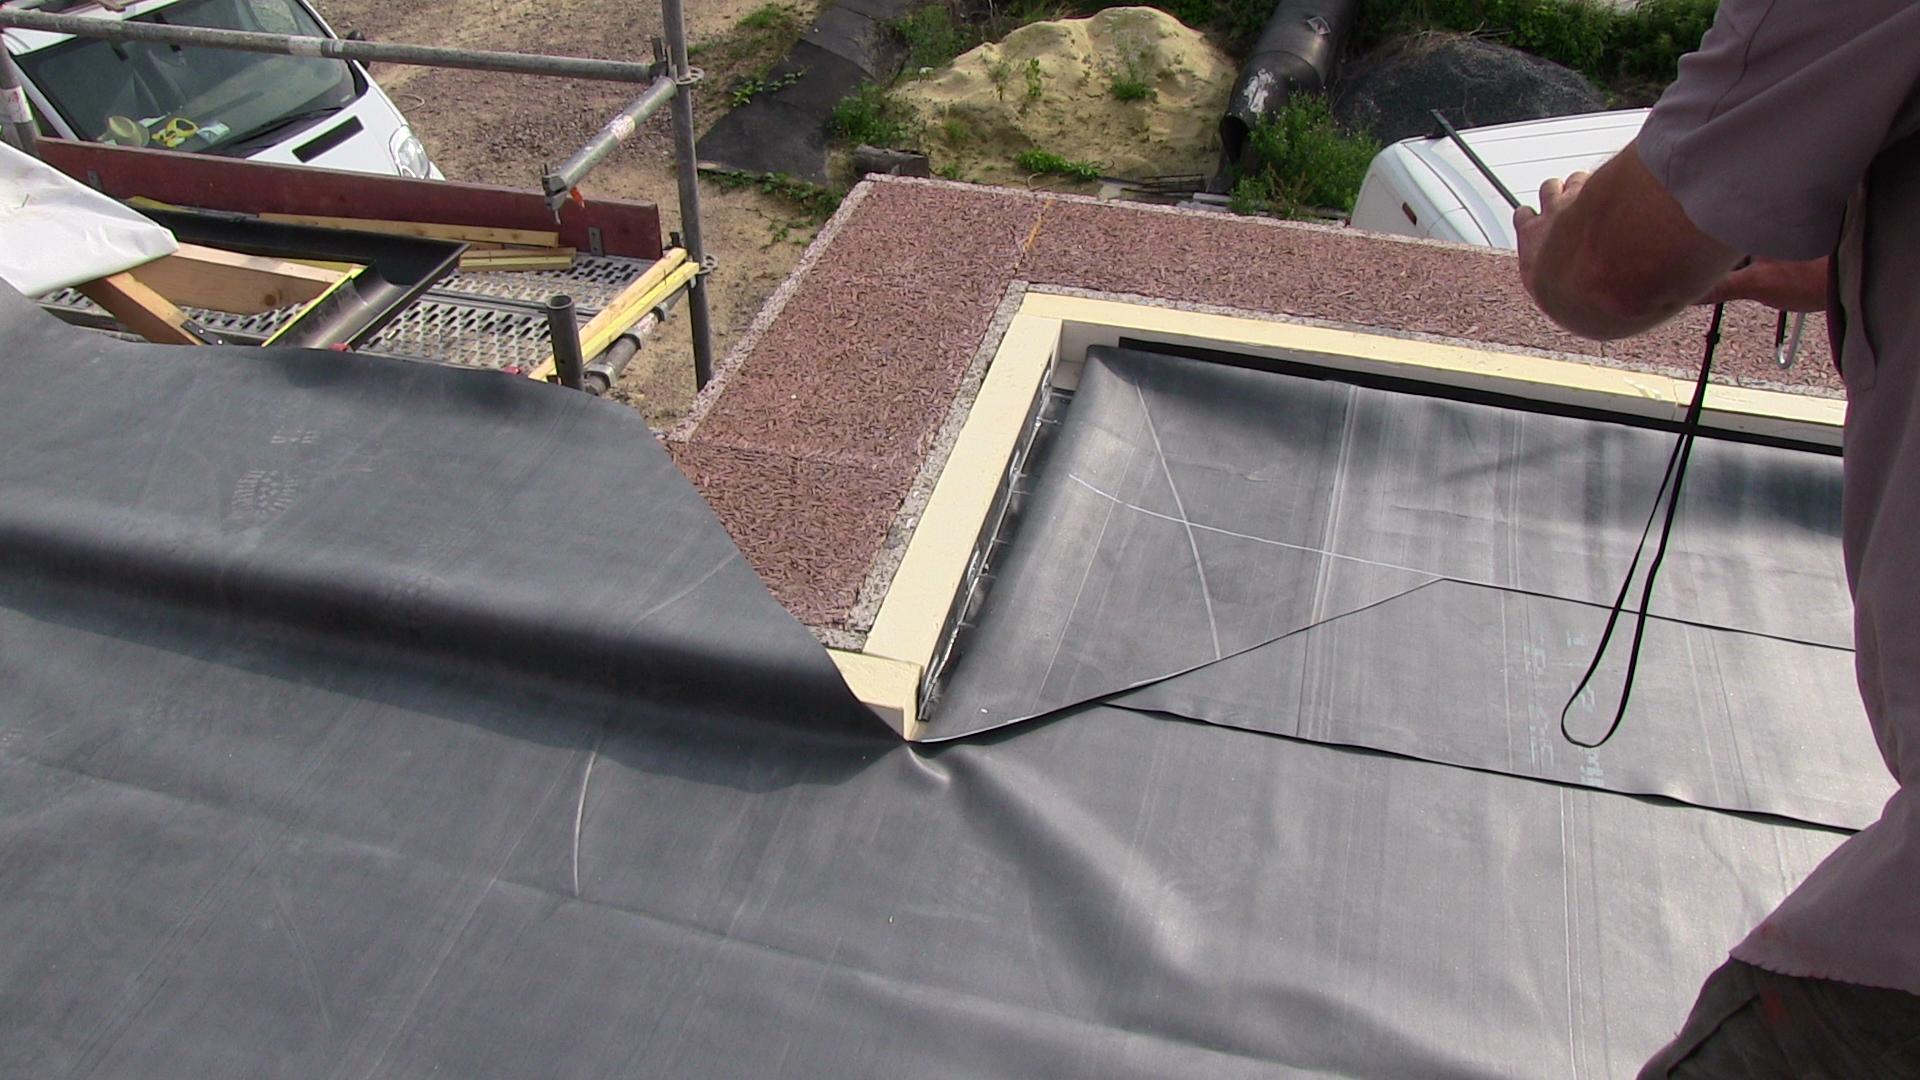 Étanchéité toiture quelles solutions Projector Global